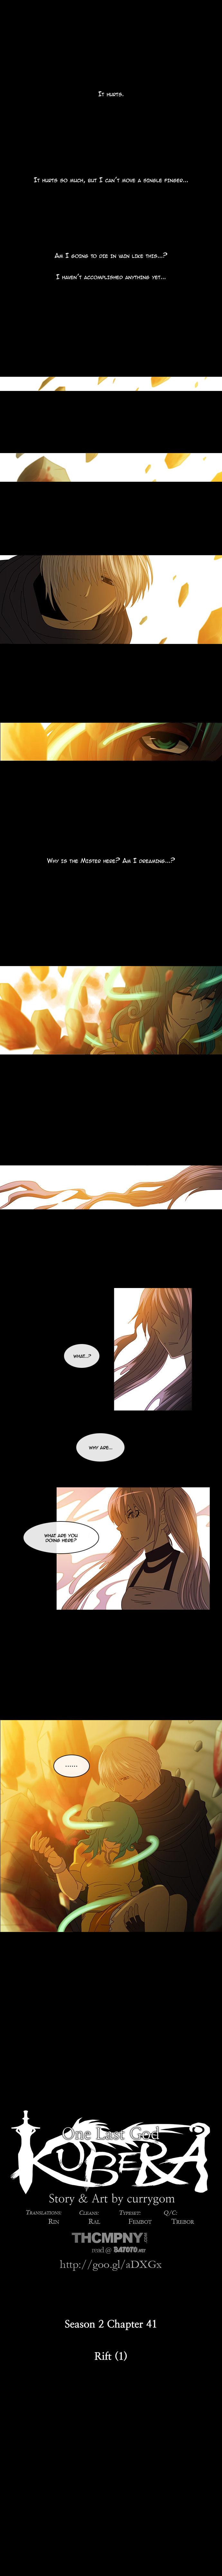 Kubera 143 Page 1